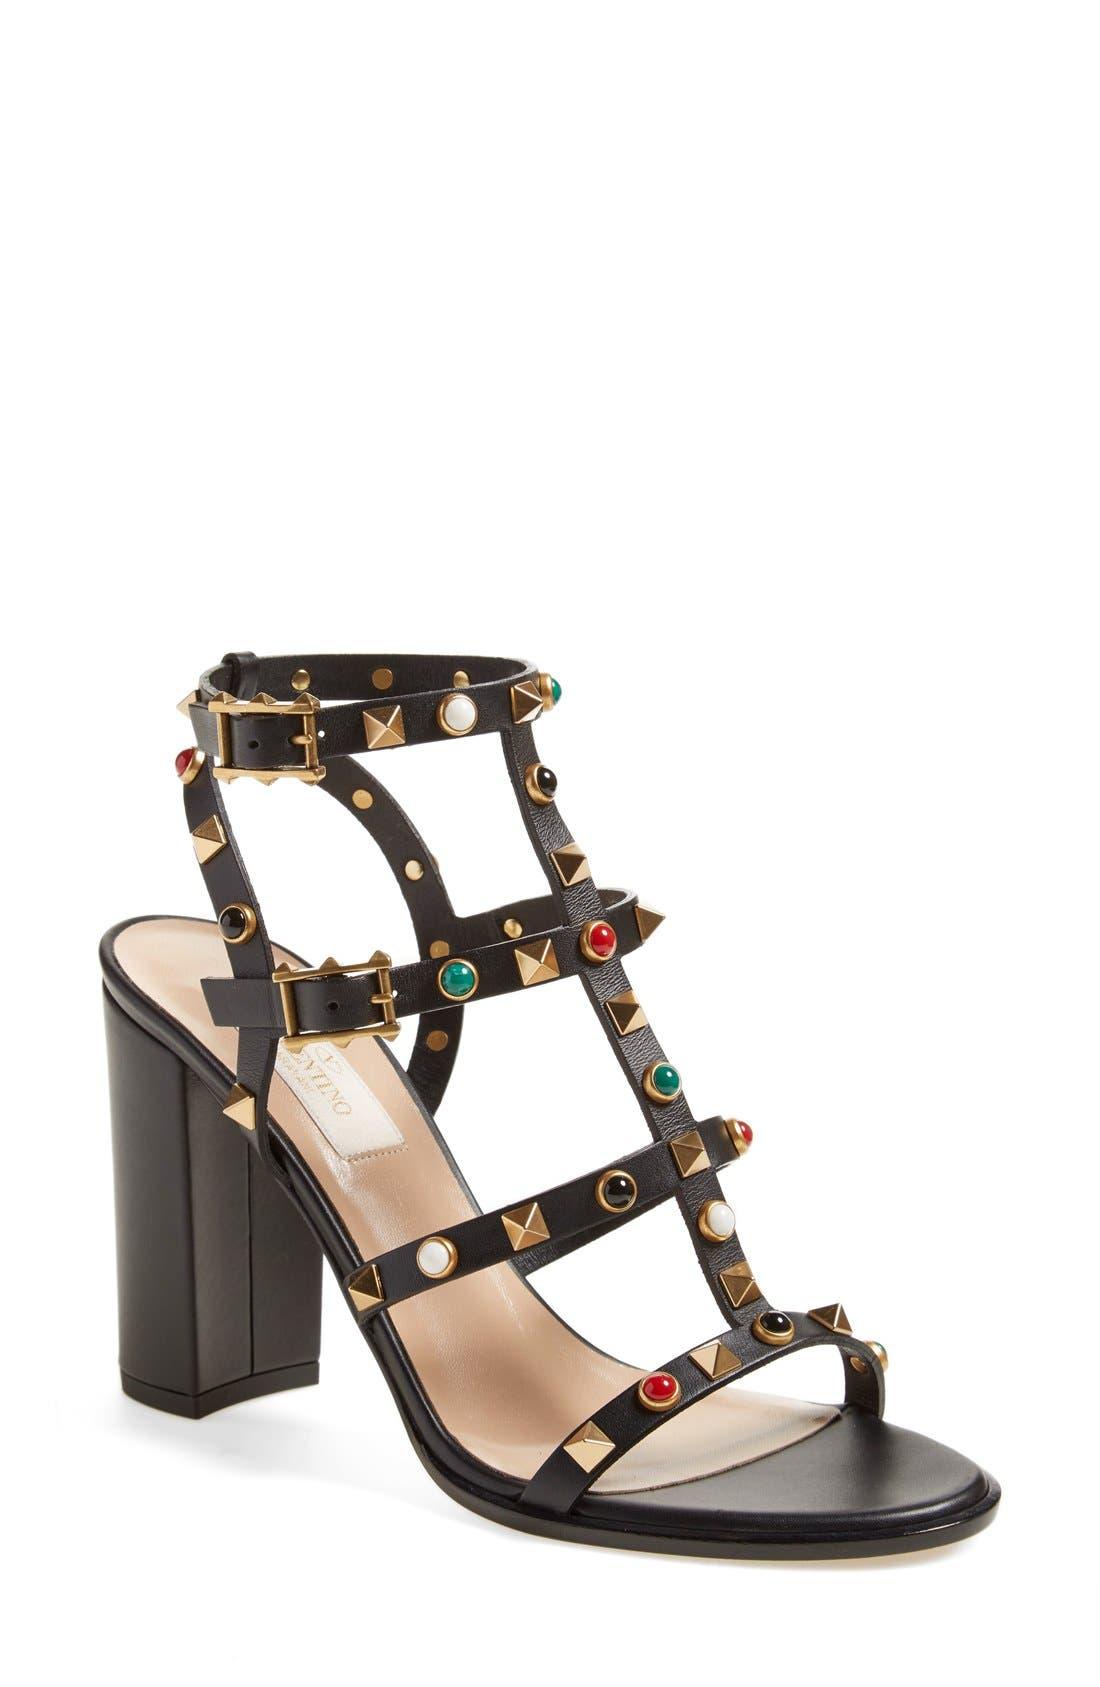 Alternate Image 1 Selected - Valentino 'Vitello' Studded Sandal (Women)